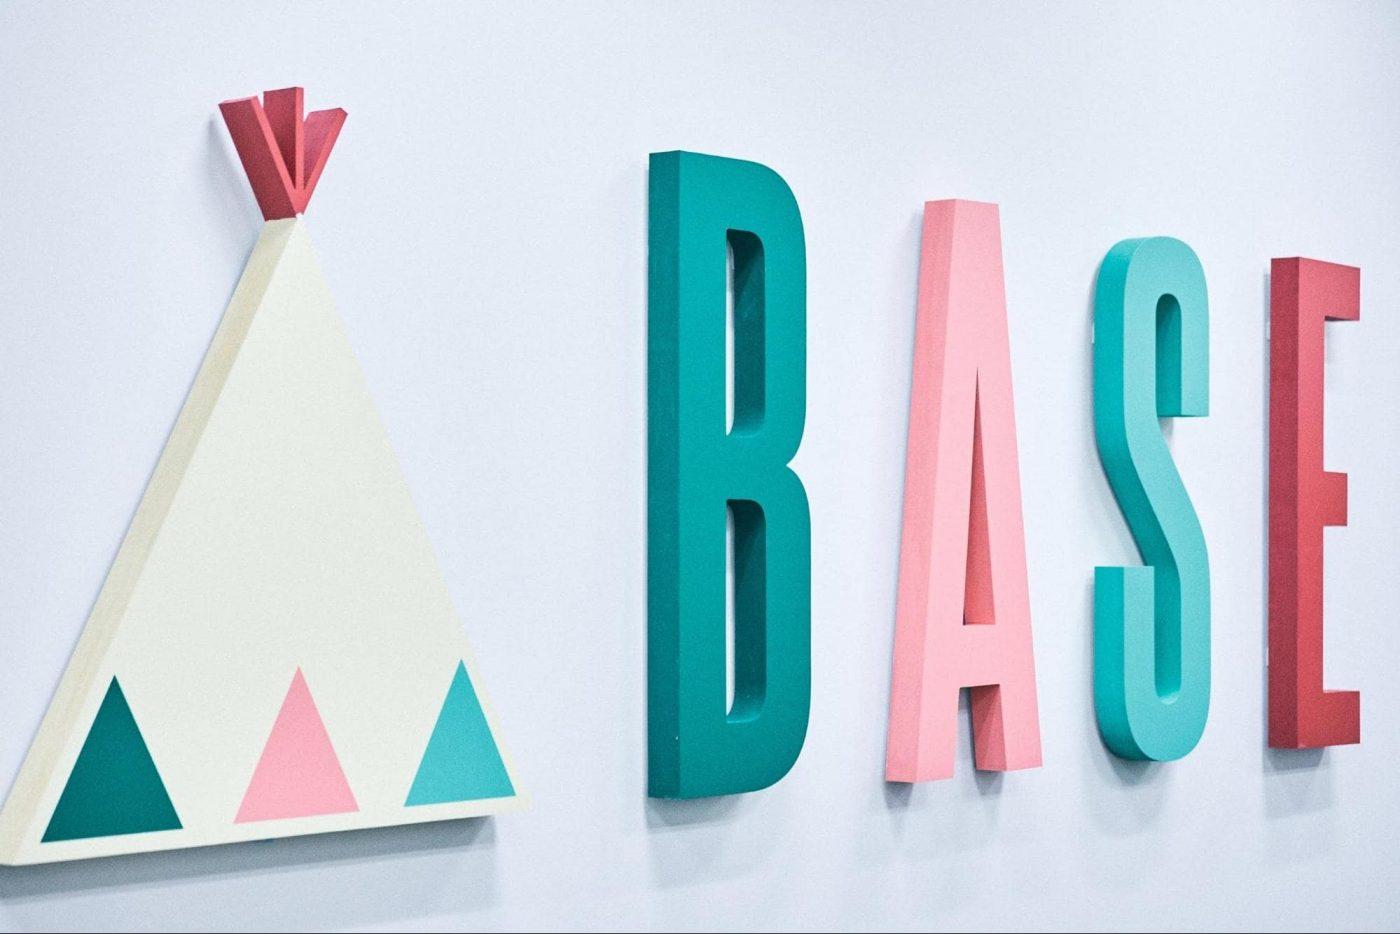 自己表現の場として「BASE」が機能してほしい